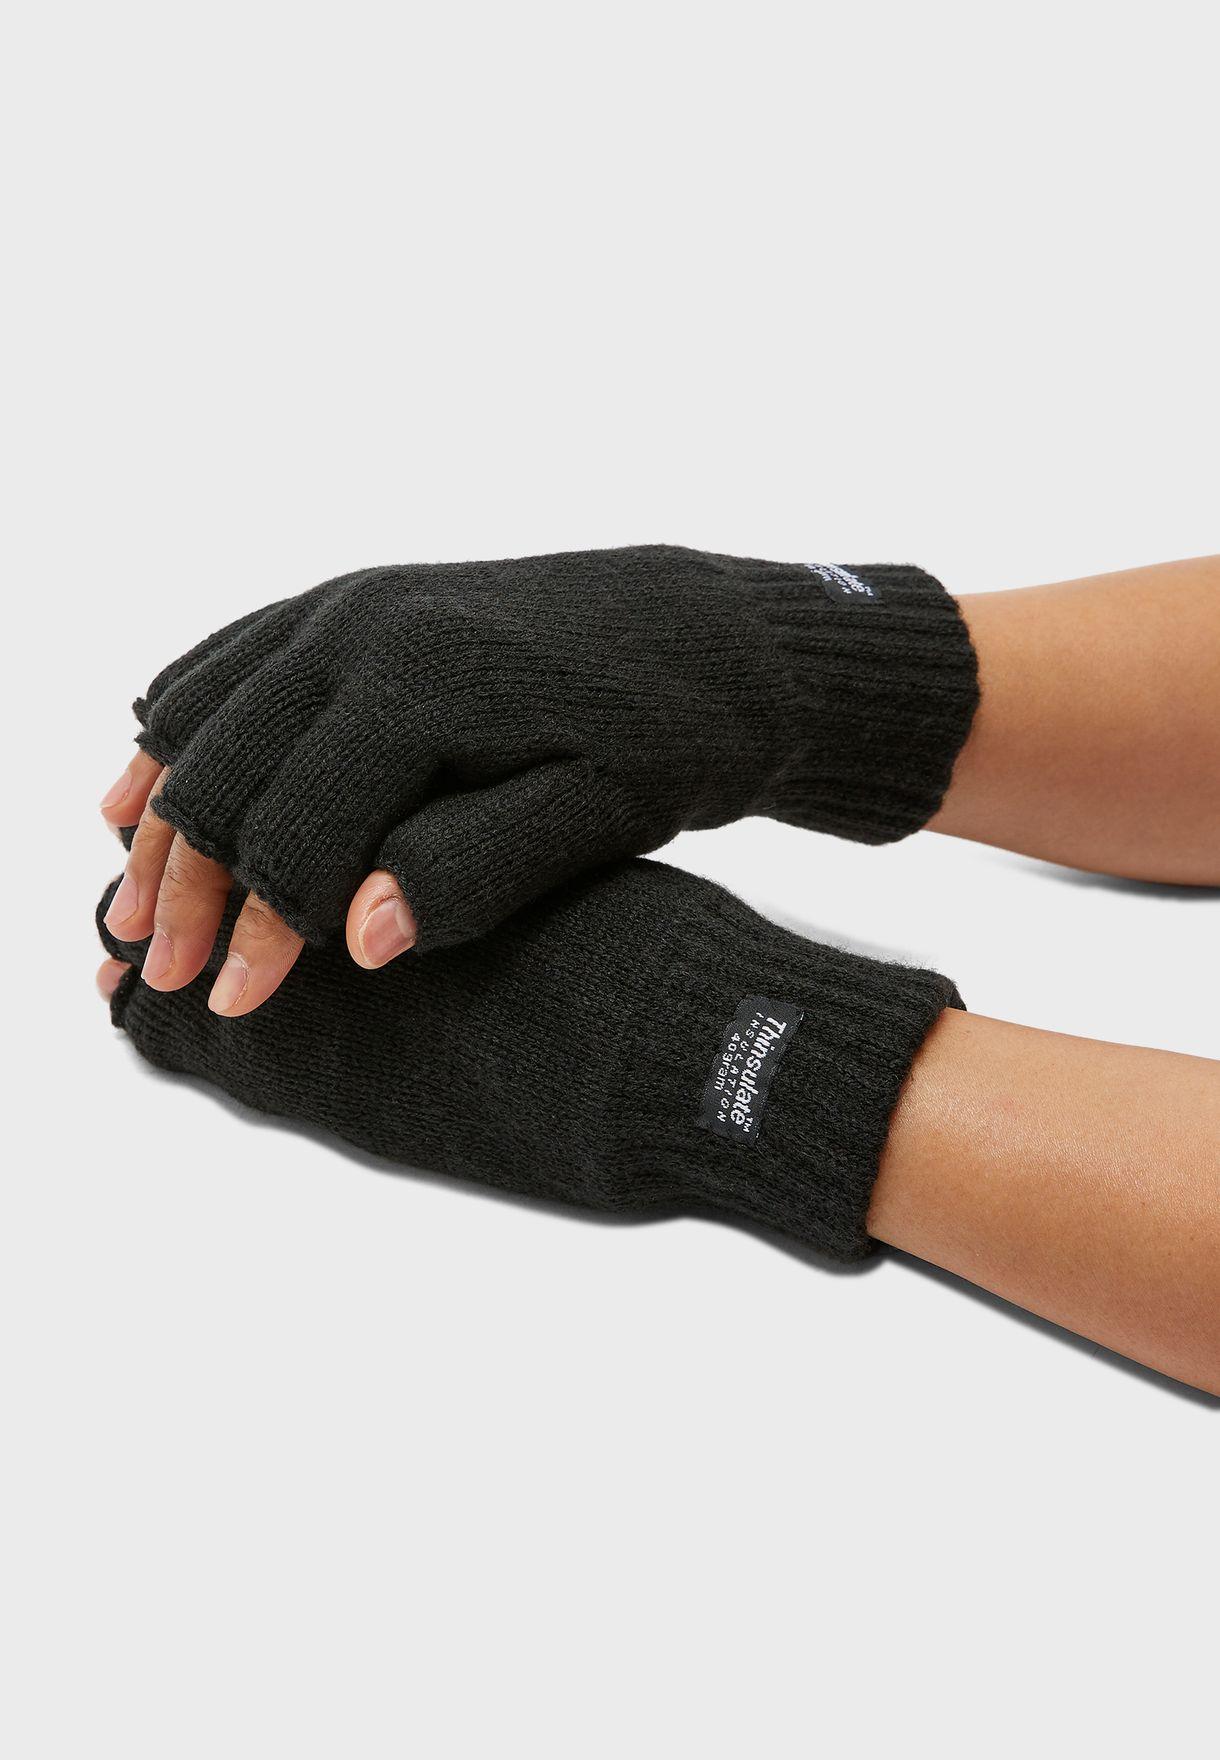 Mens Thinsulate Fingerless Gloves